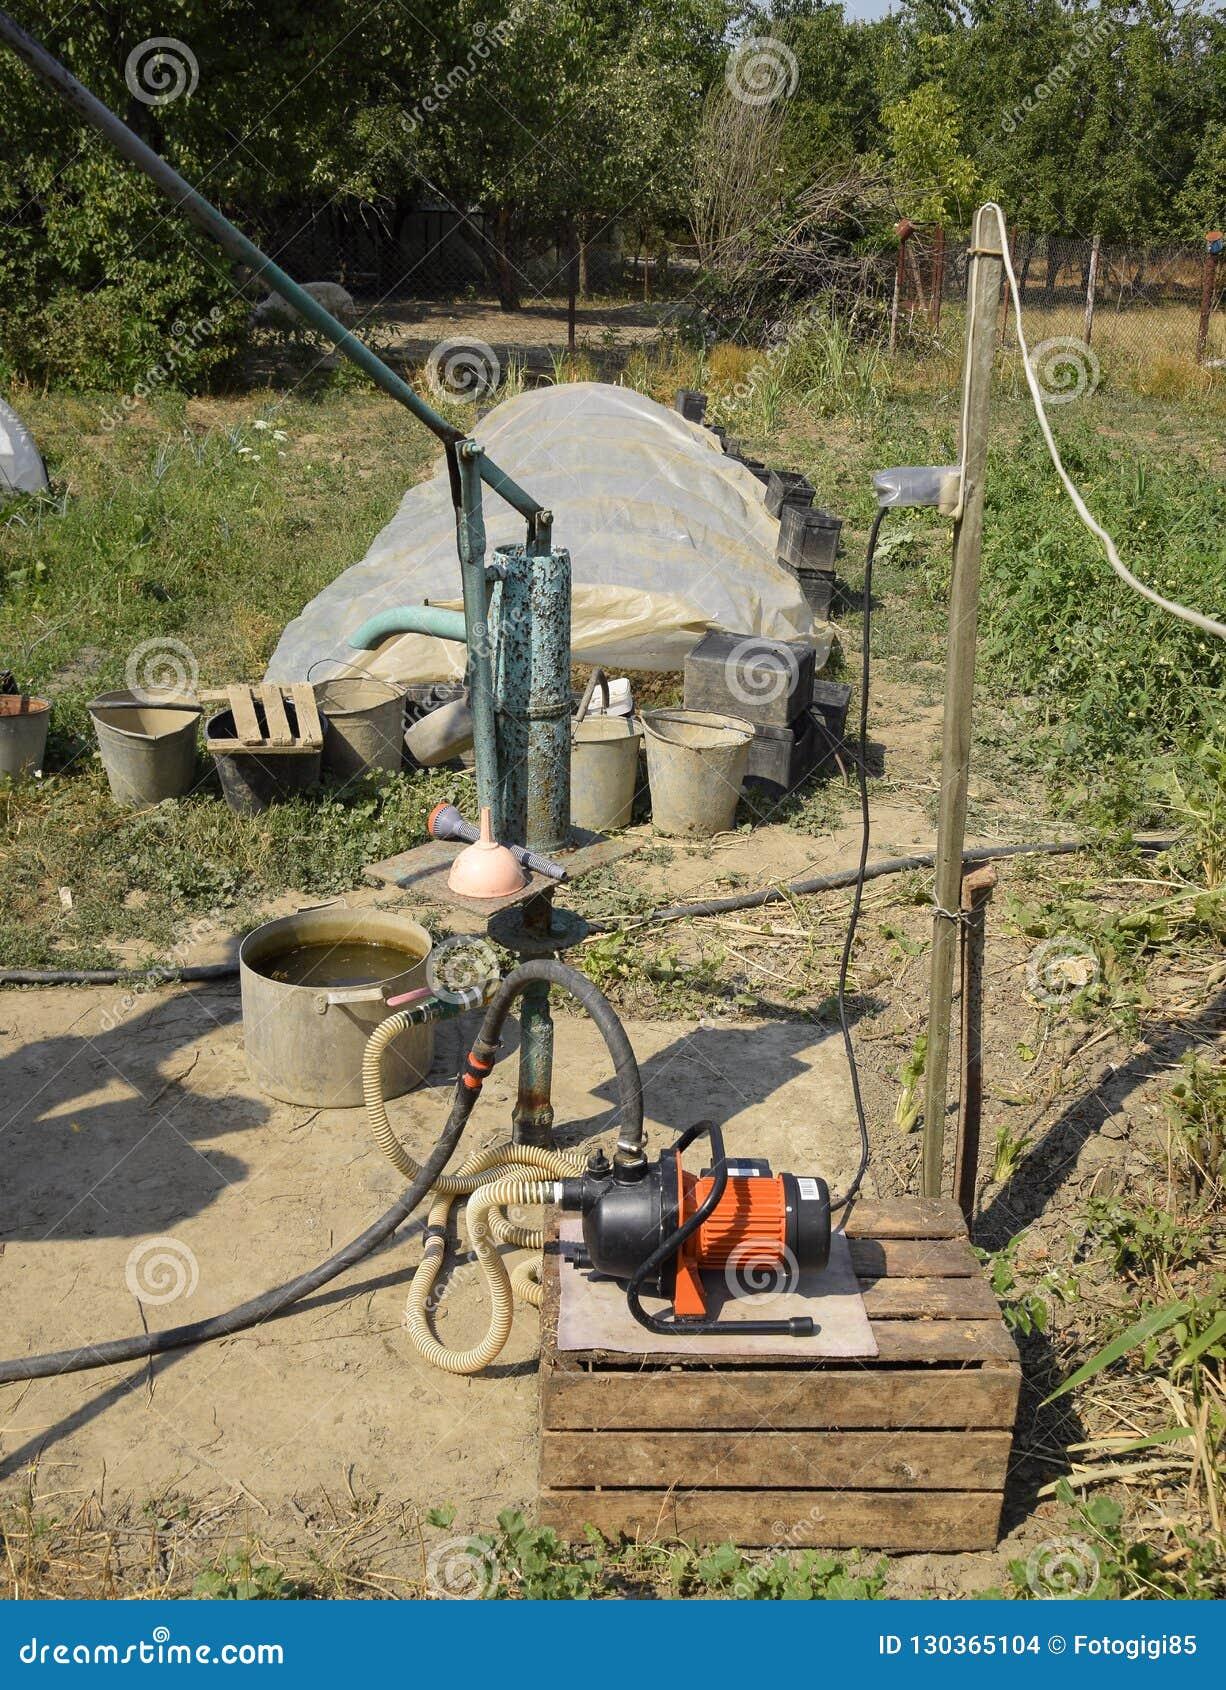 Home Garden Irrigation System 45